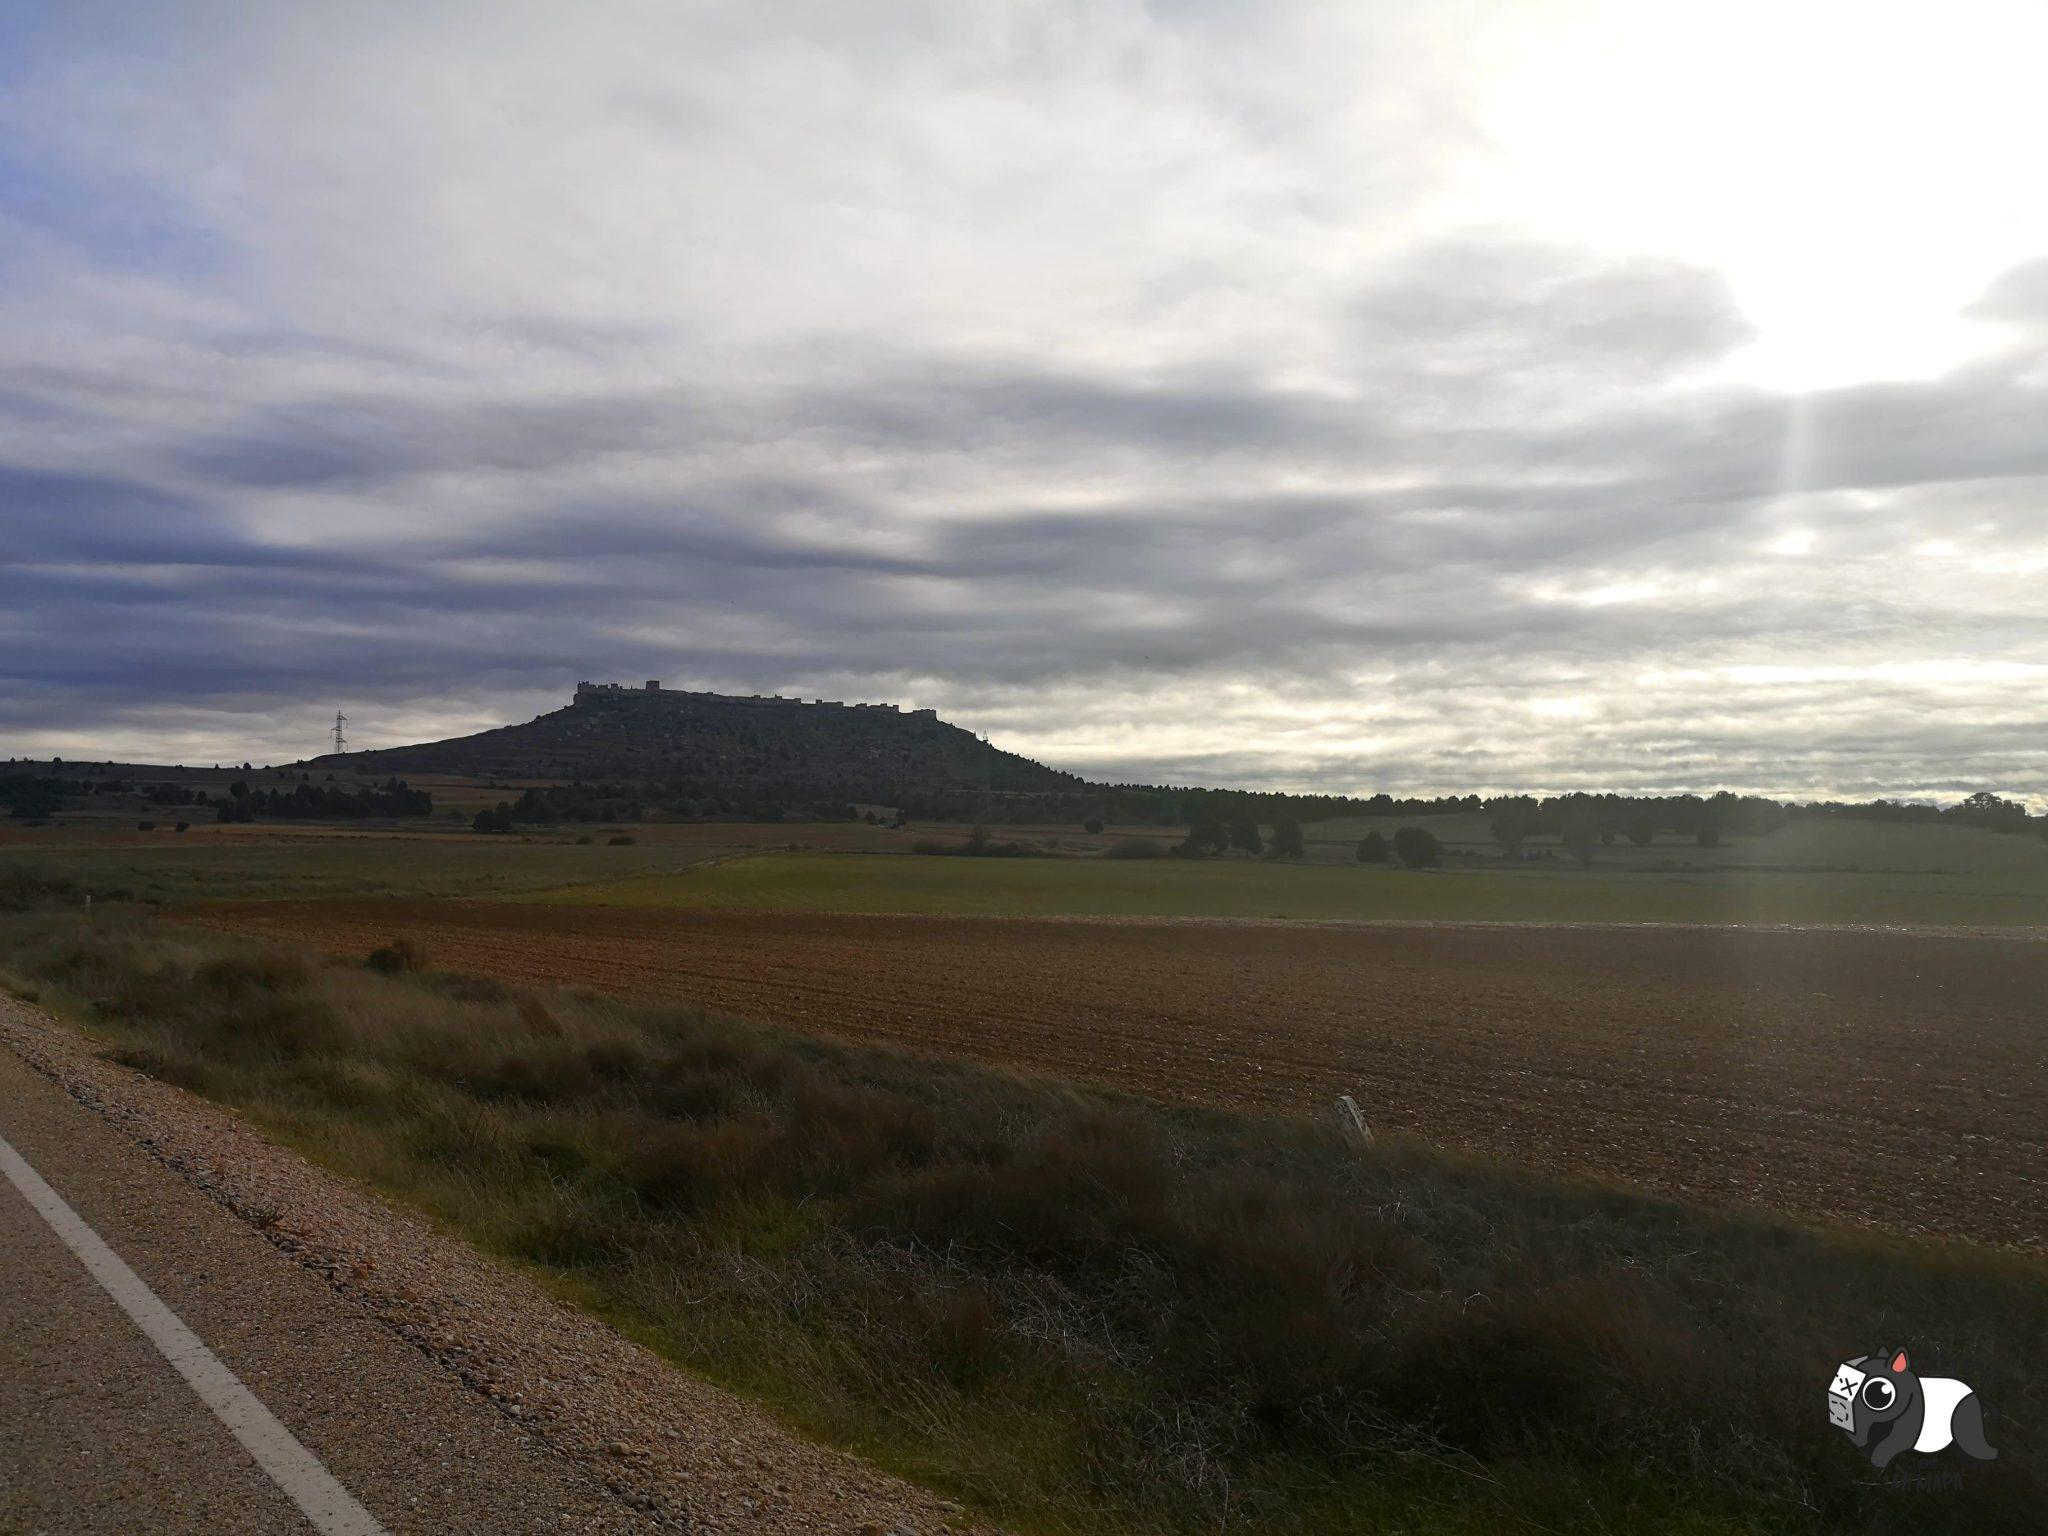 Vistas de la fortaleza califal de Gormaz, desde la carretera.